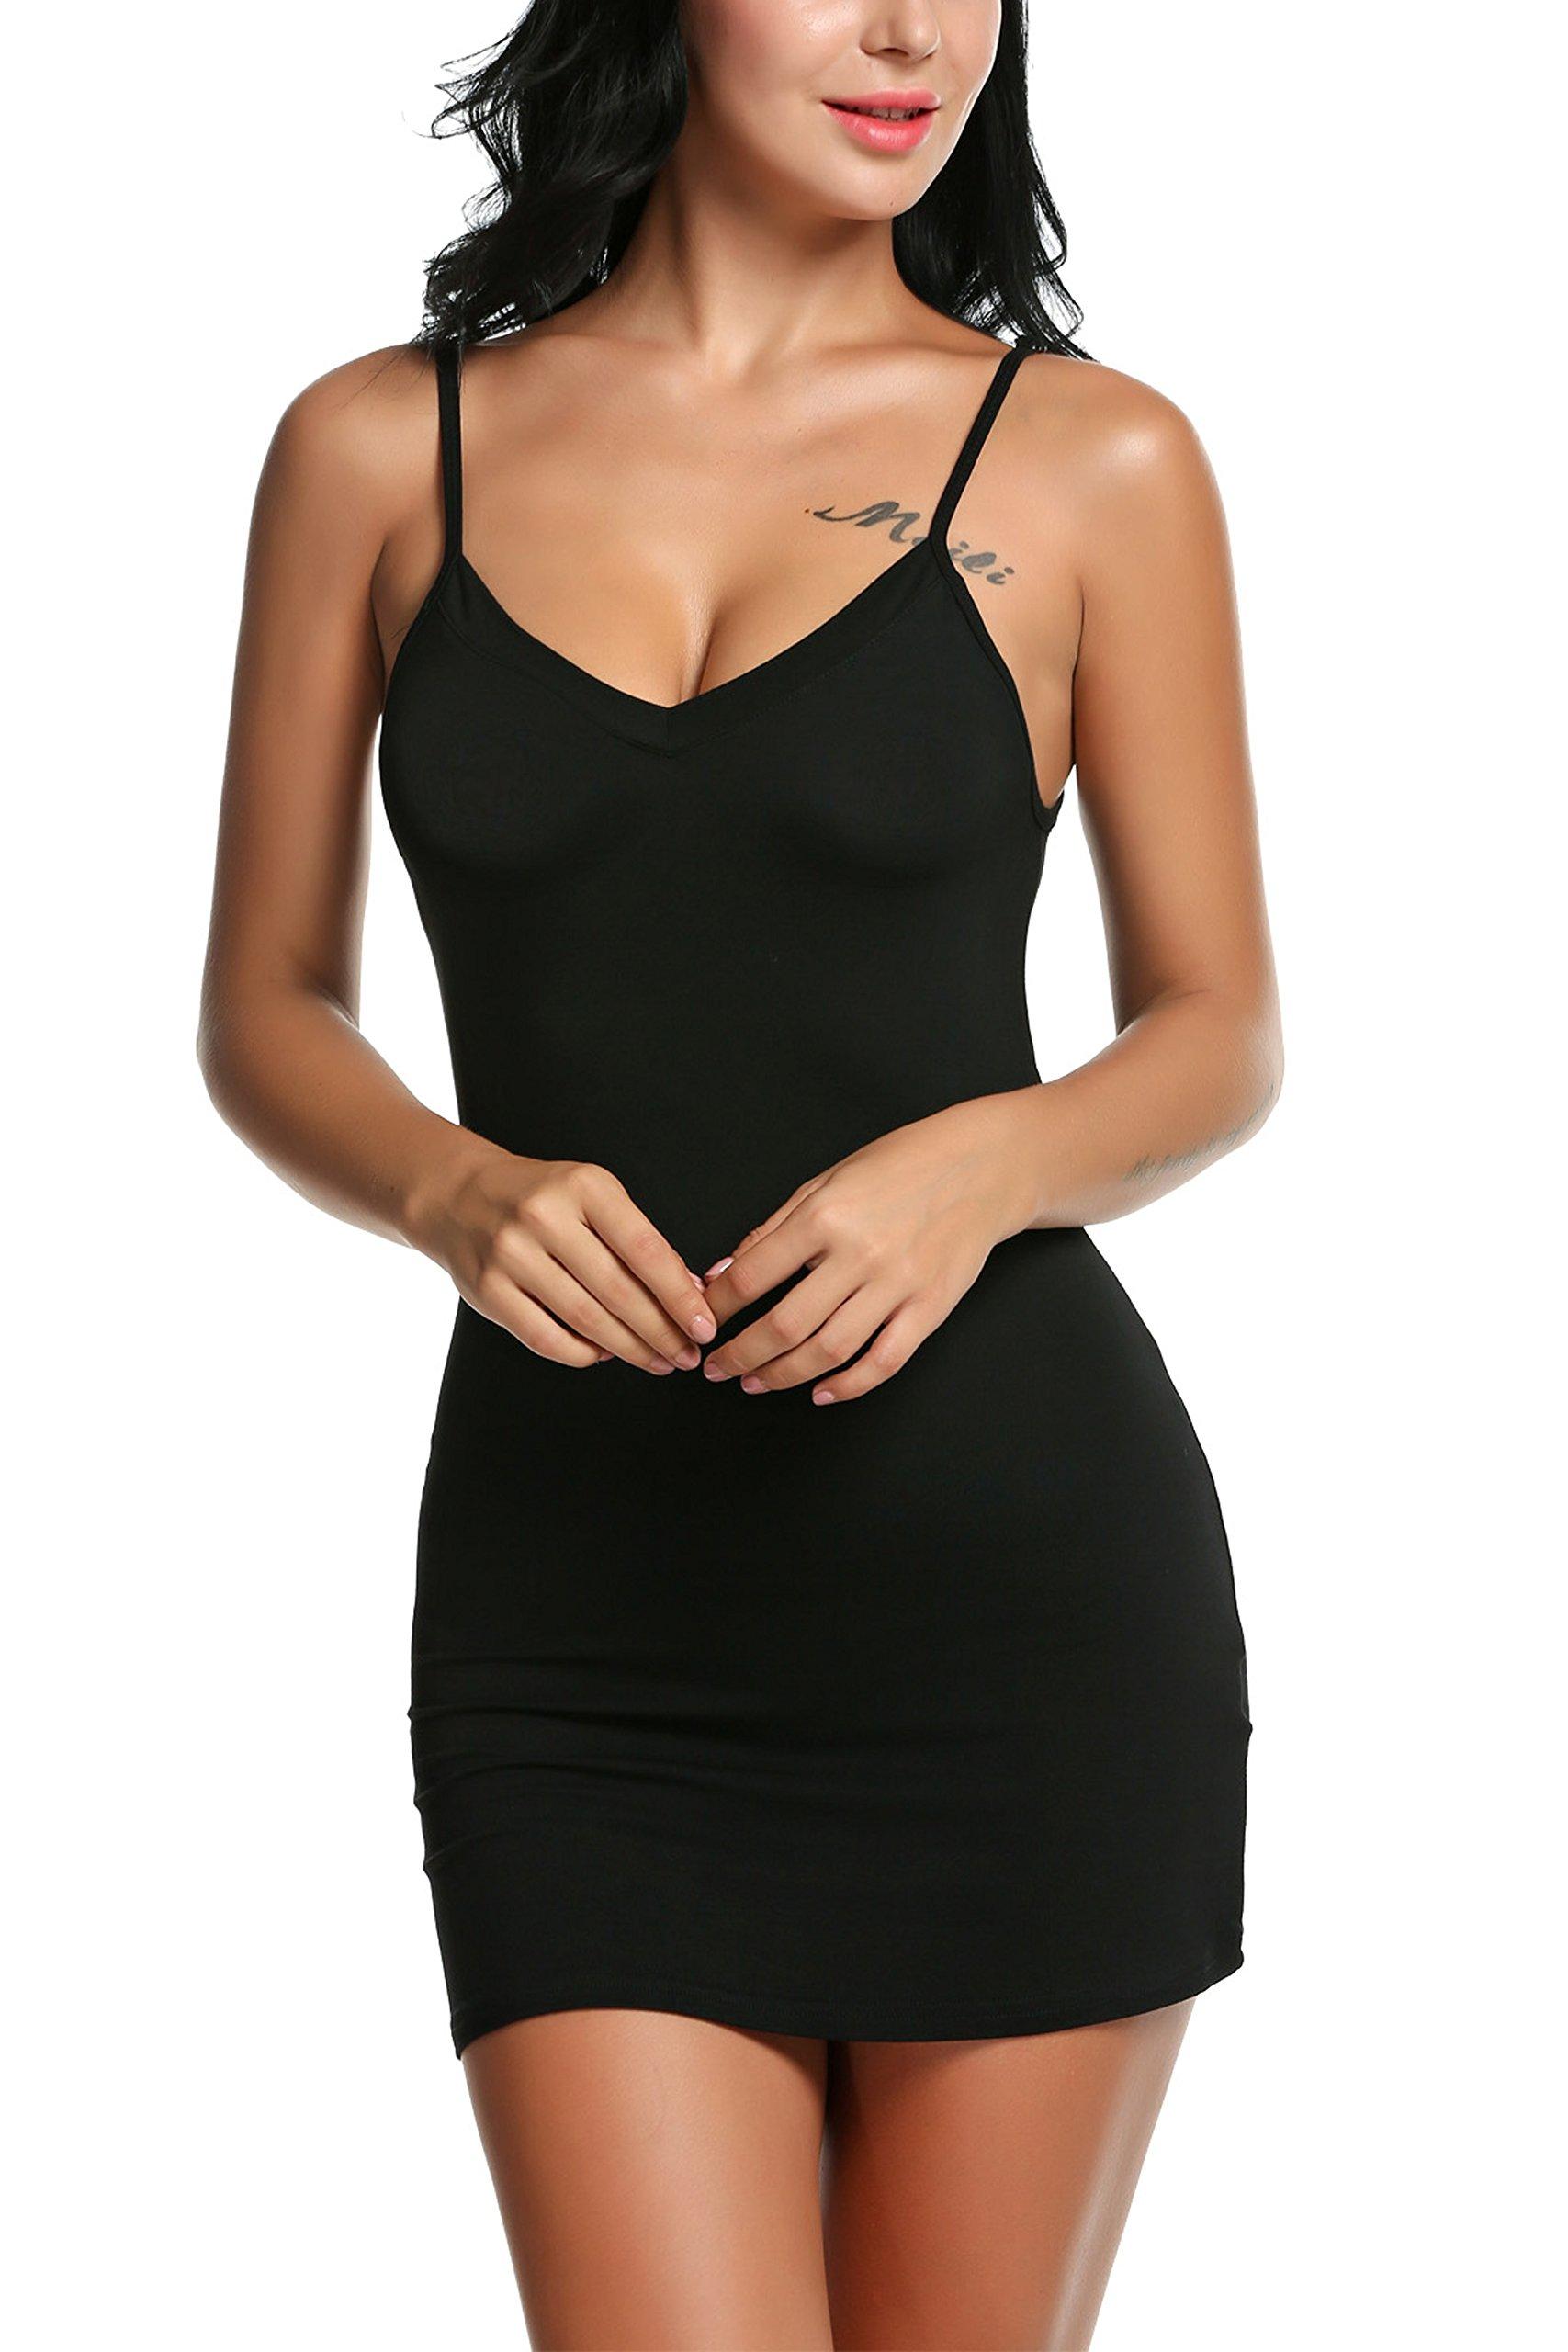 Avidlove Women Modal V Neck Nightwear Sleeveless Straight Dress Mini Full Slips Black L